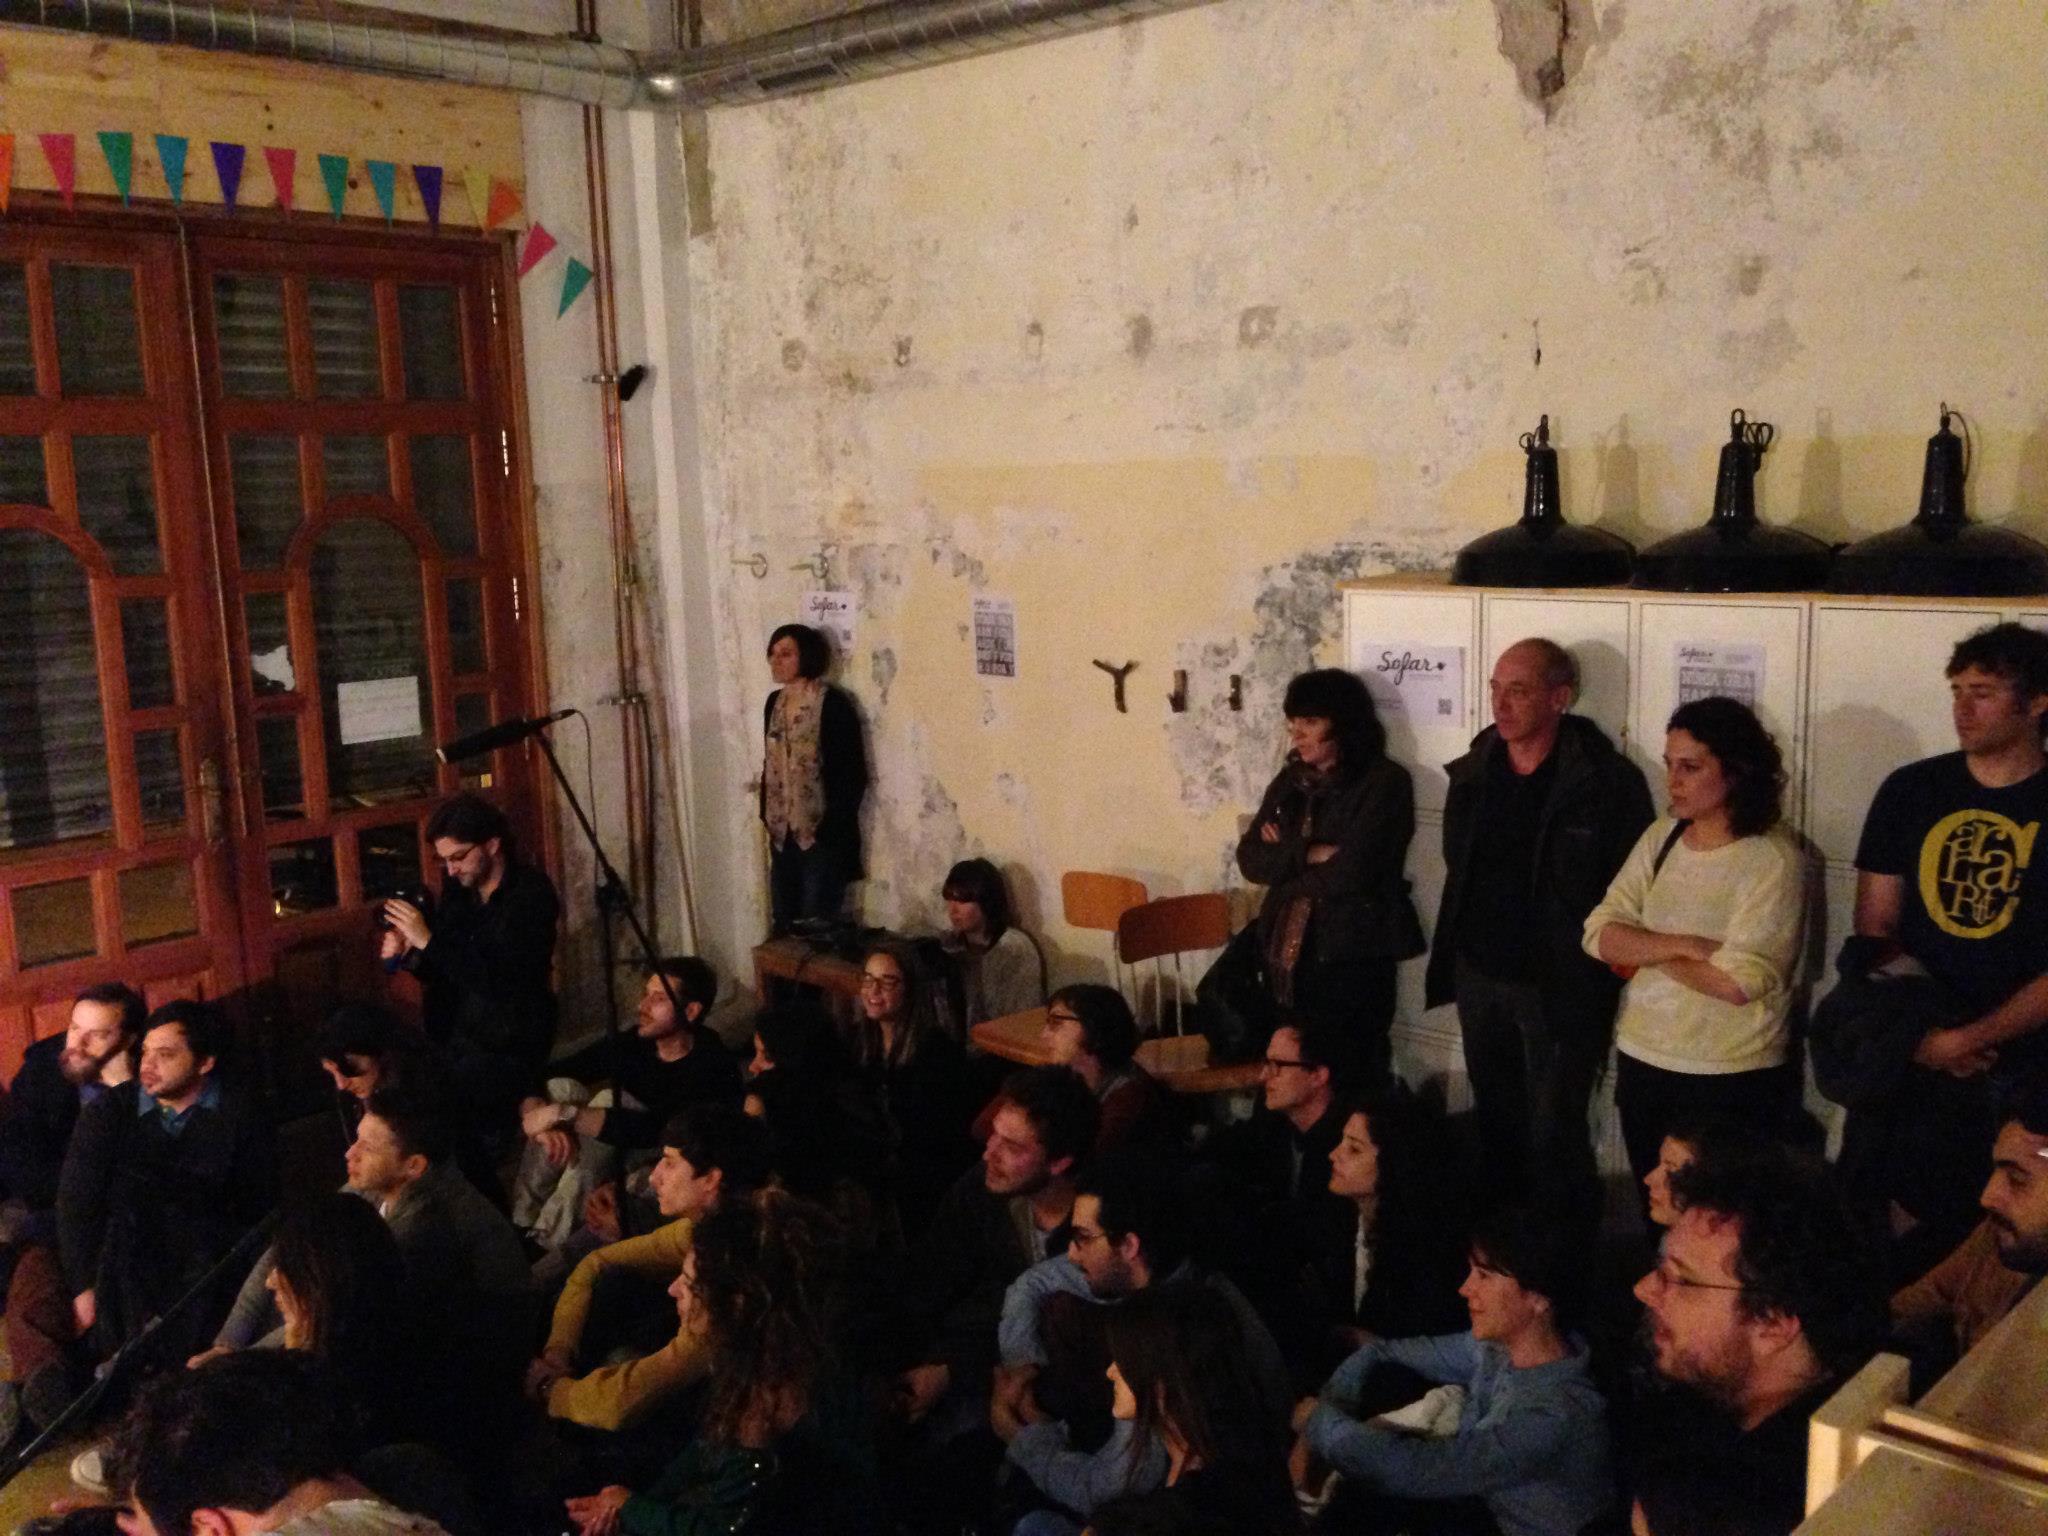 gardencoworking-sofabarcelona-concert3.jpg